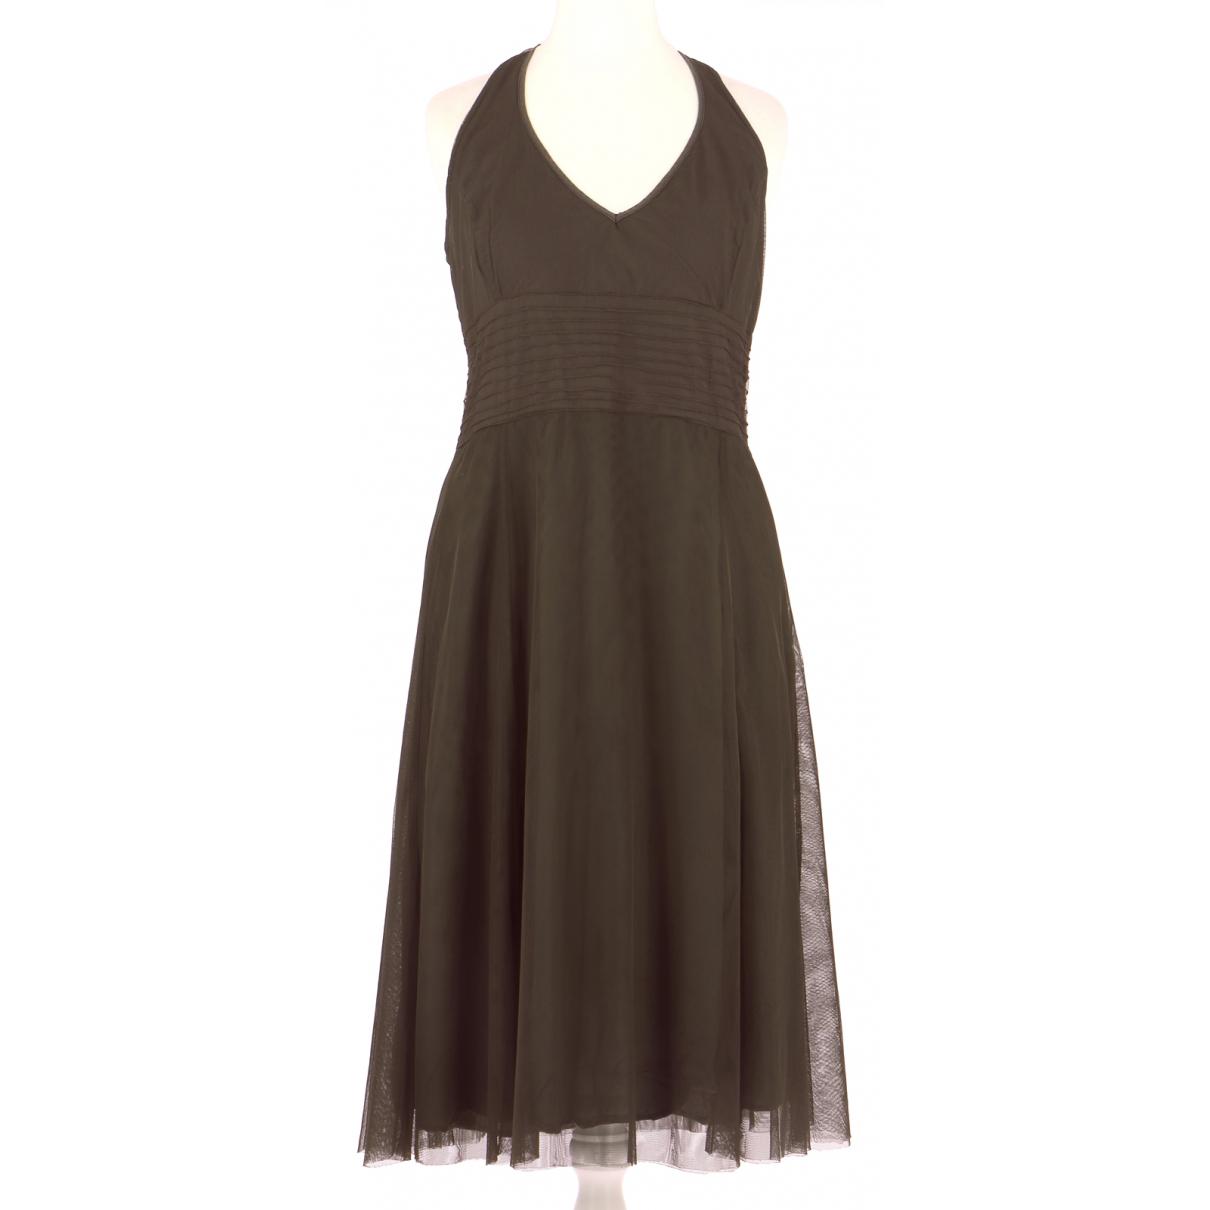 Autre Marque \N Kleid in  Braun Polyester